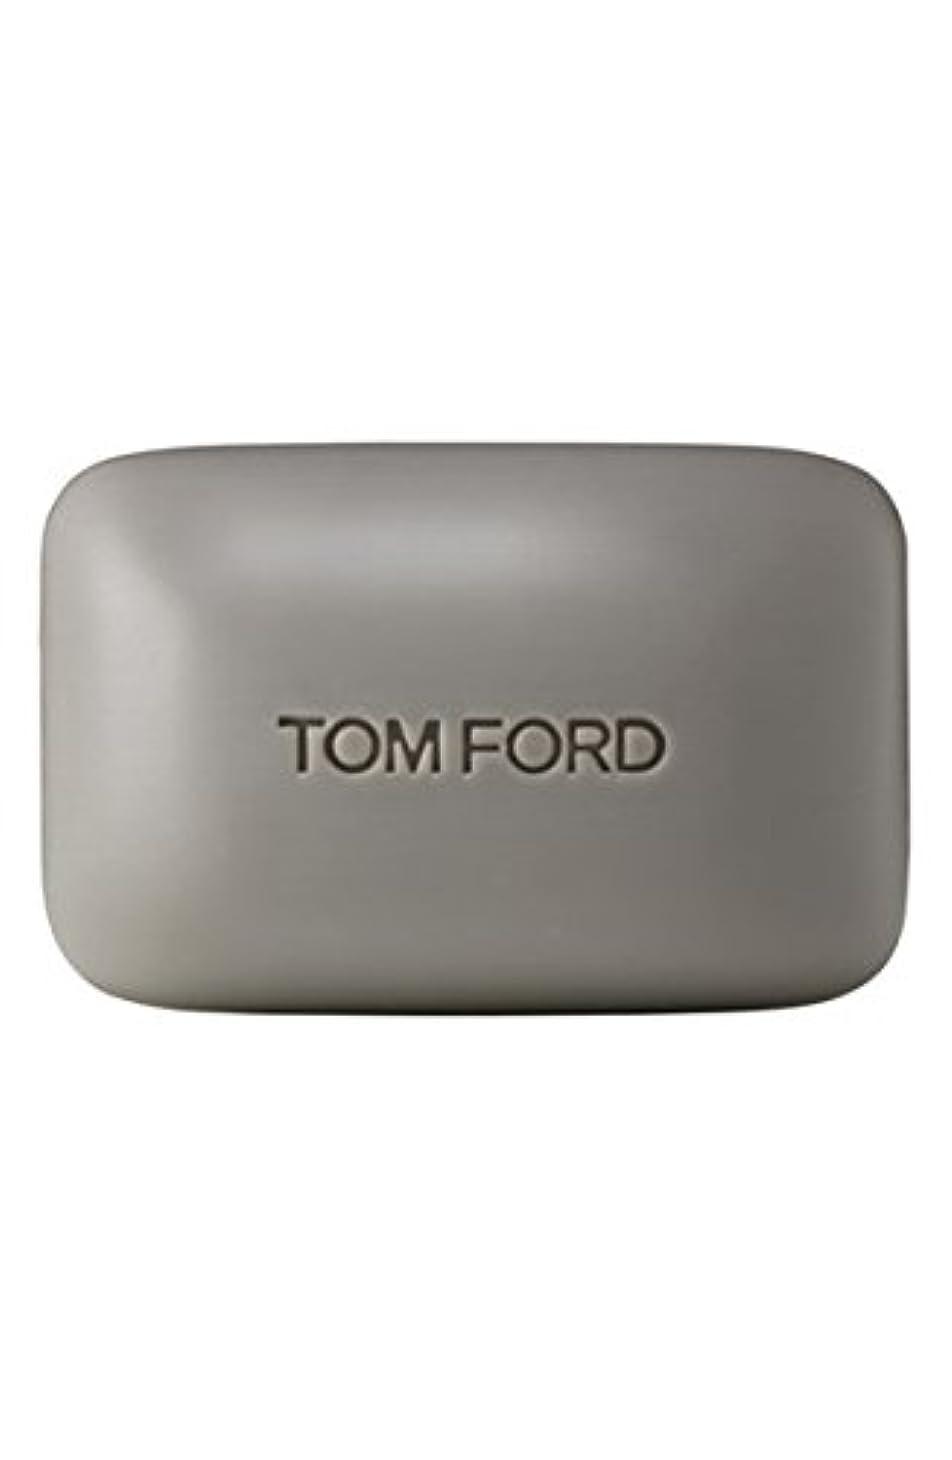 オレンジ騒々しい写真を描くTom Ford Private Blend 'Oud Wood' (トムフォード プライベートブレンド オードウッド) 5.5 oz (165ml) Bar Soap (固形石鹸)